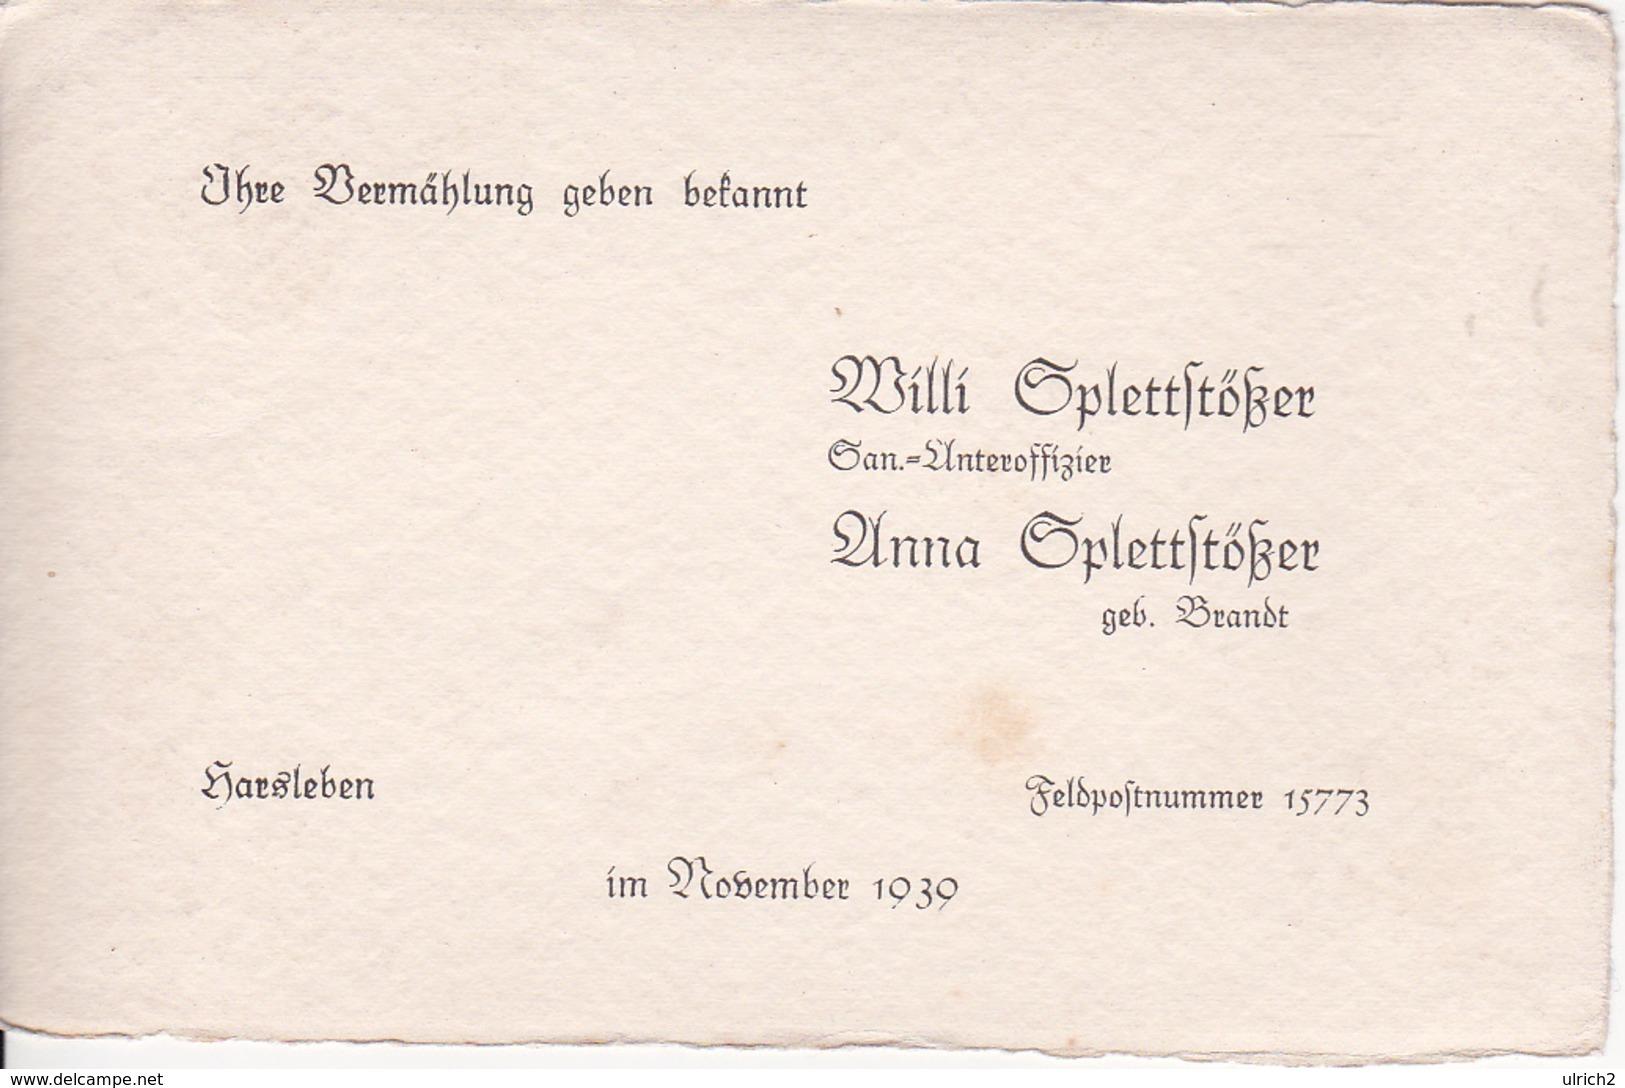 Vermählungs-Anzeige - Willi Und Anna Splettstößer - Harsleben / Feldpostnummer 15773 - November 1939 (26062) - Mariage